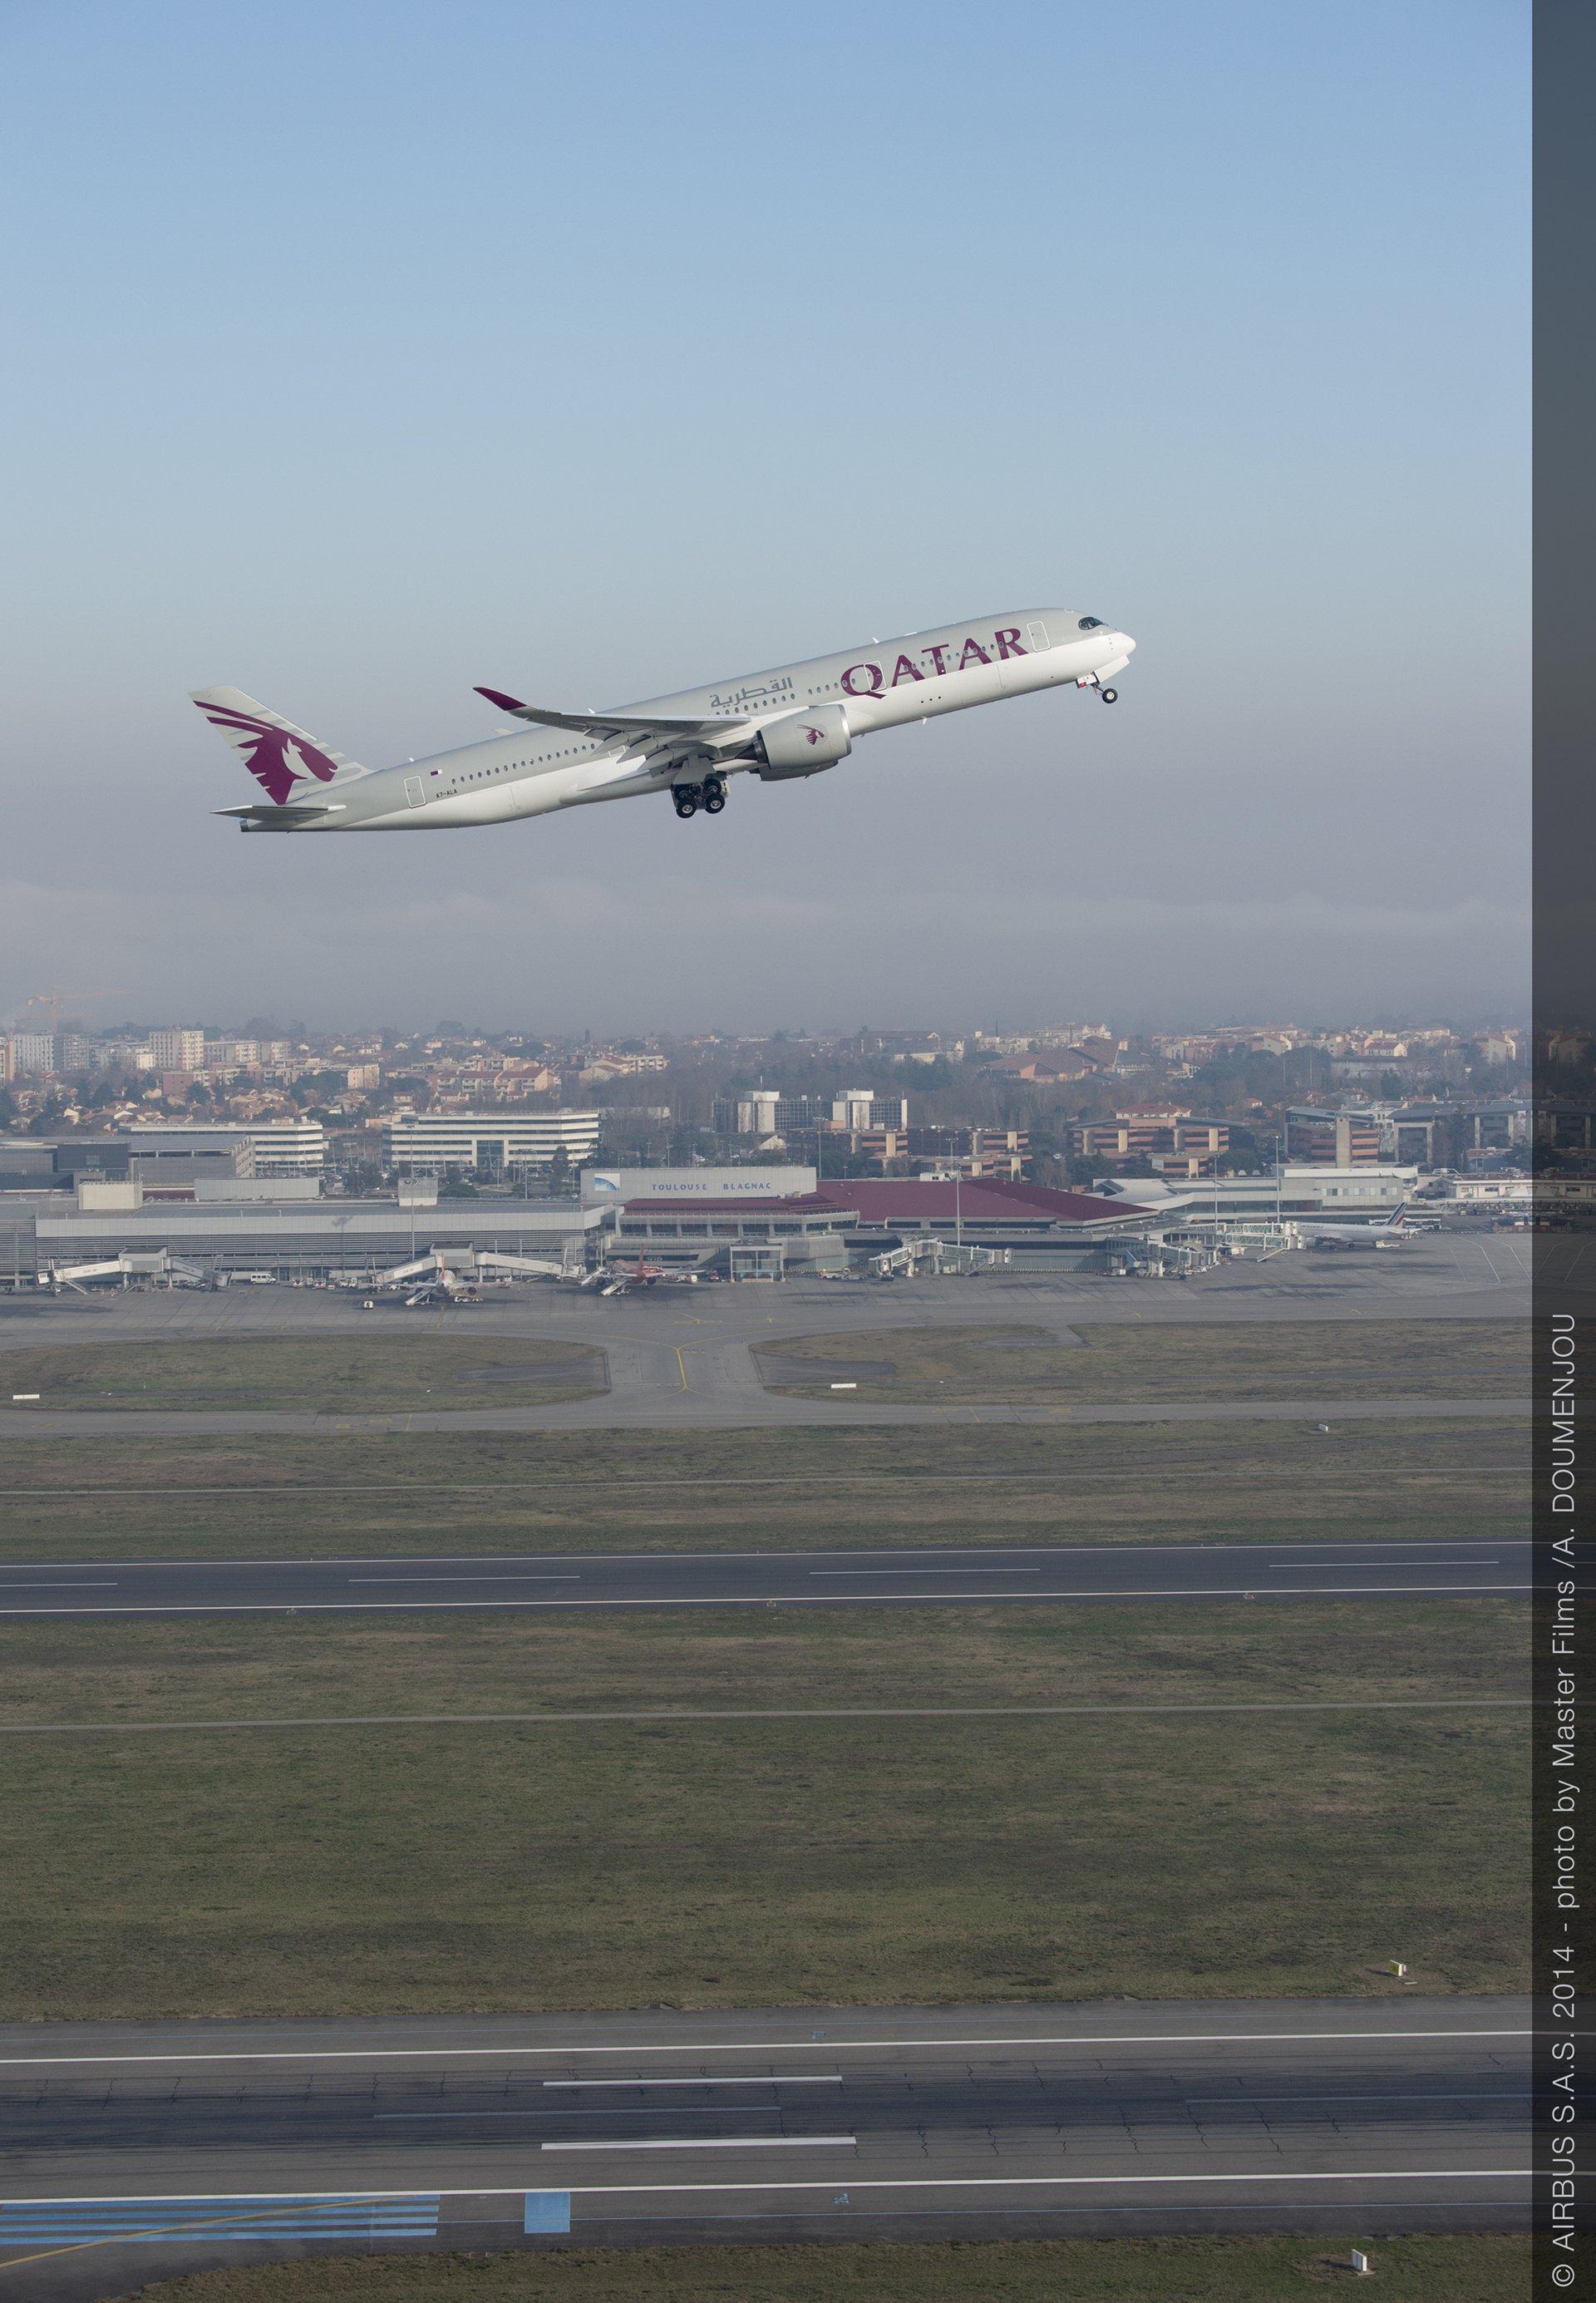 Qatar Airways no. 1 A350 XWB ferry flight